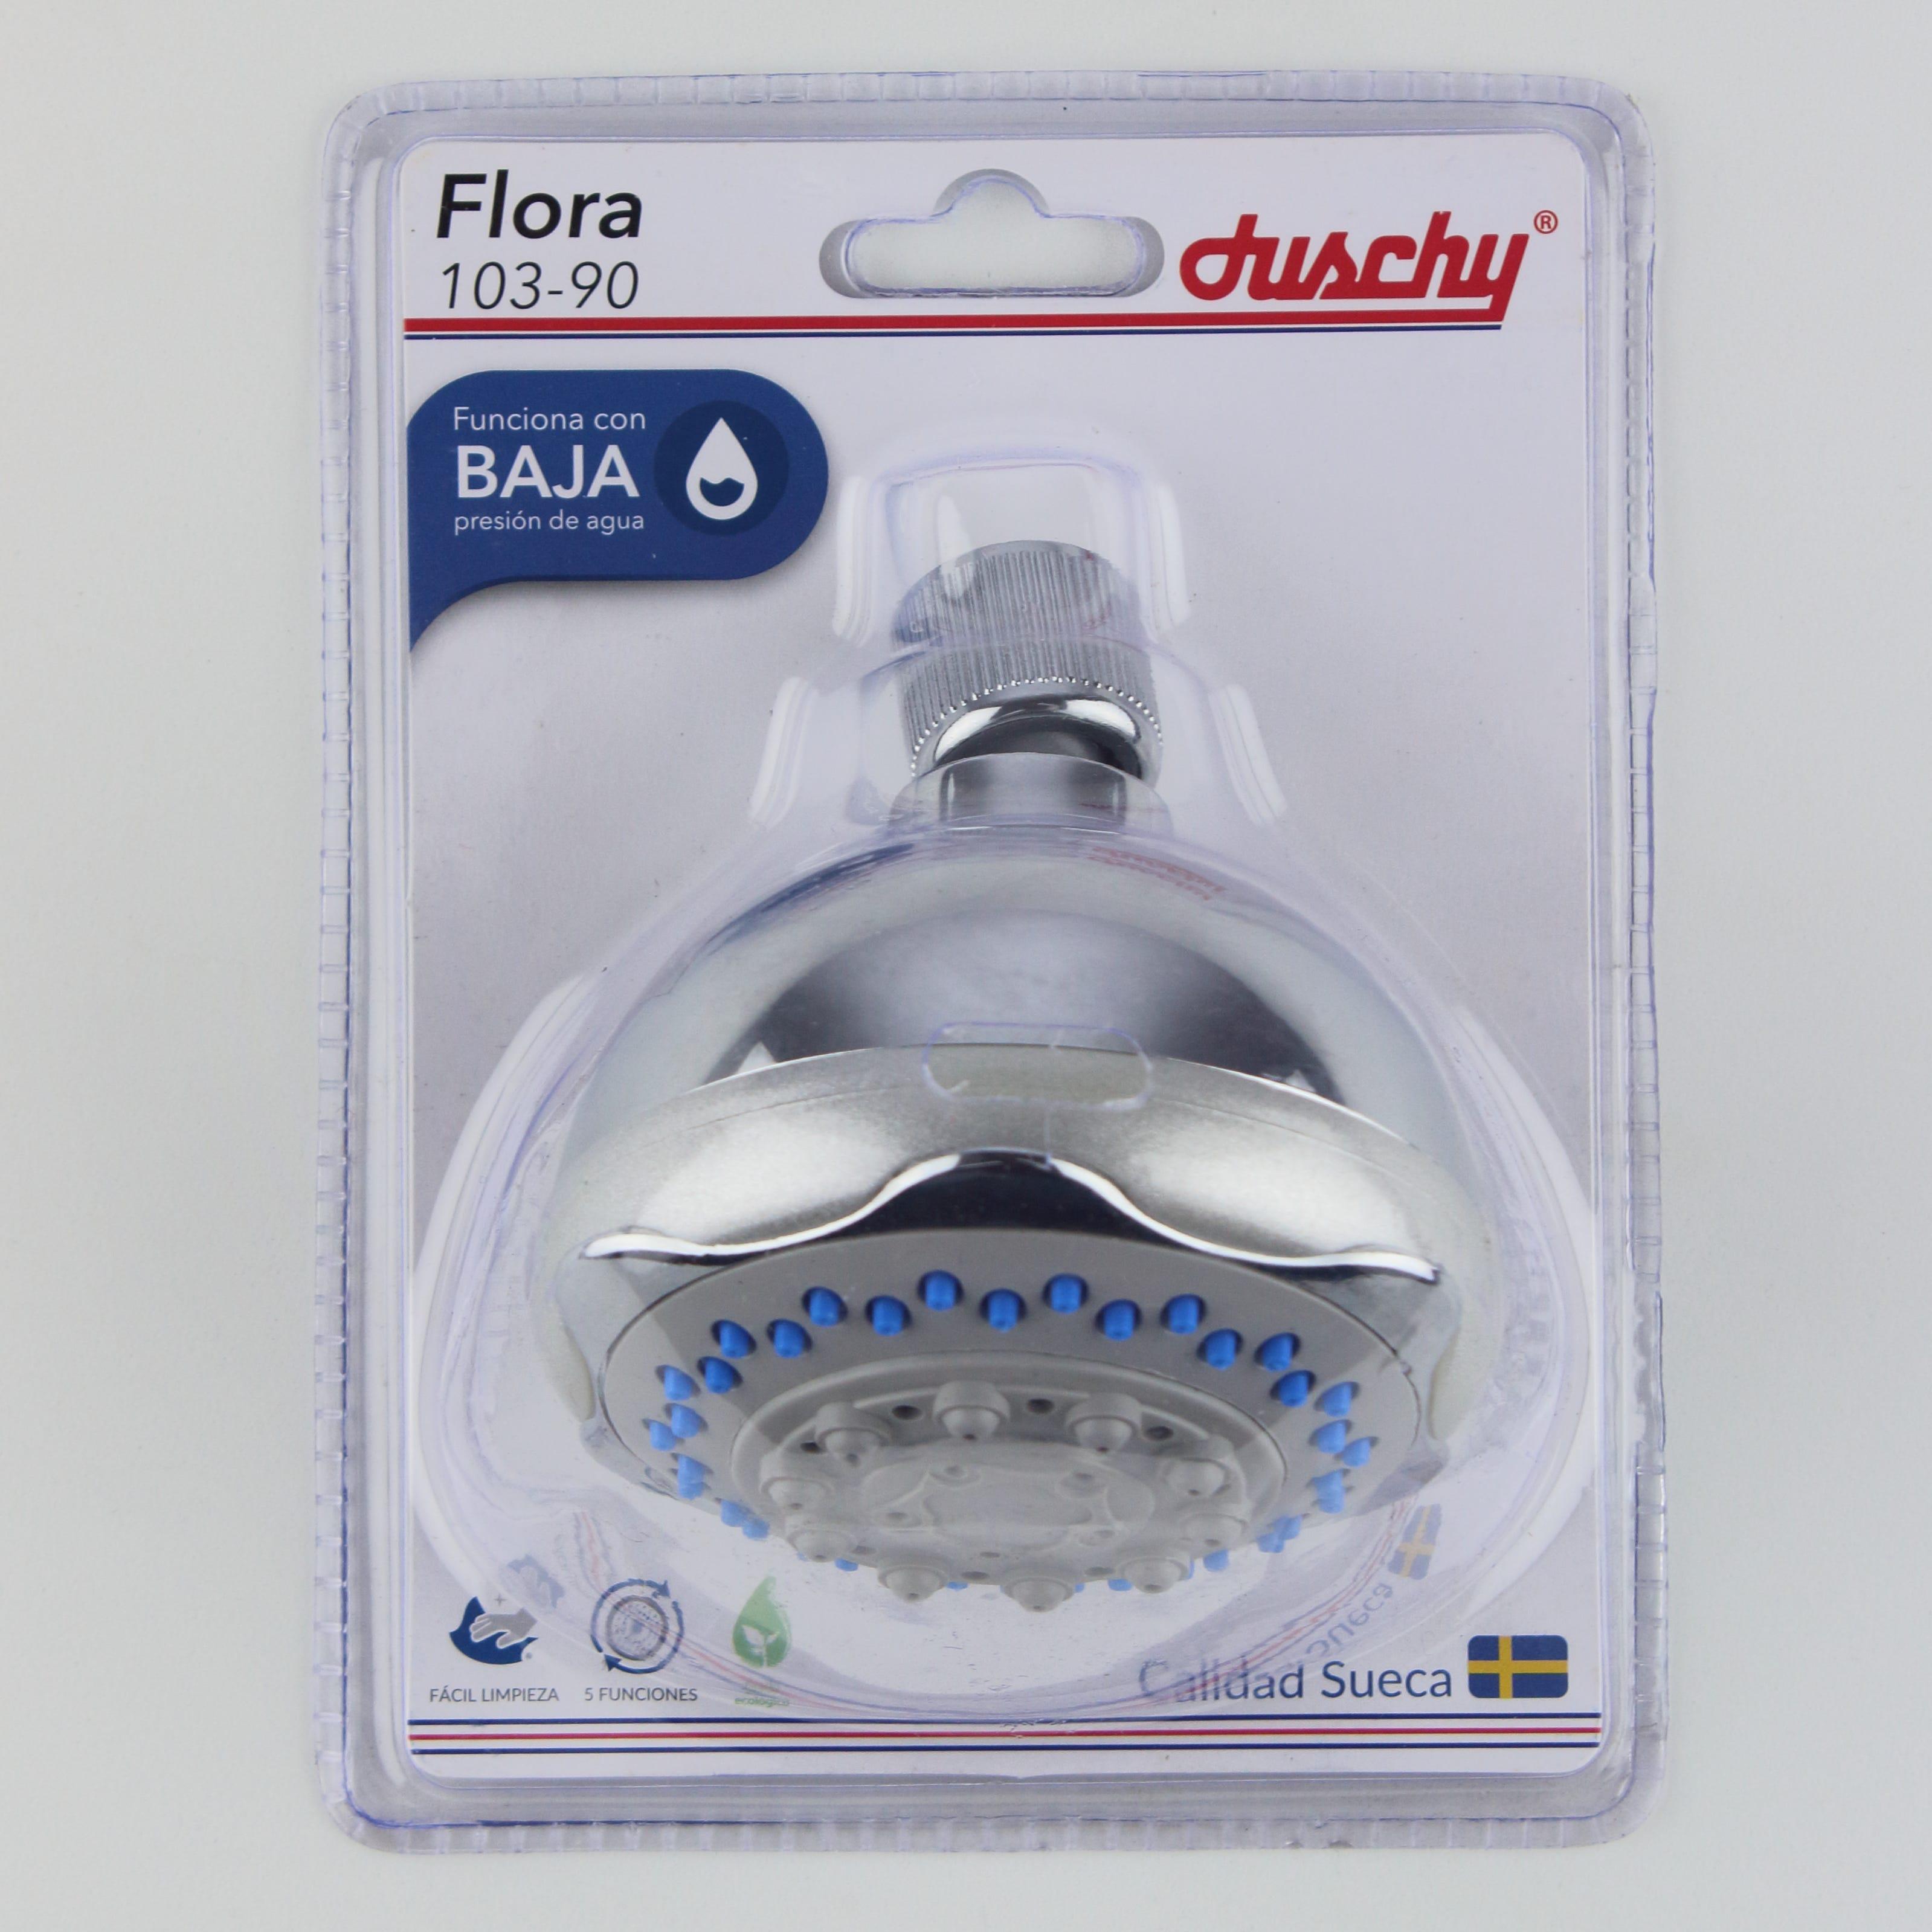 Regadera con acabado cromado Duschy Flora®